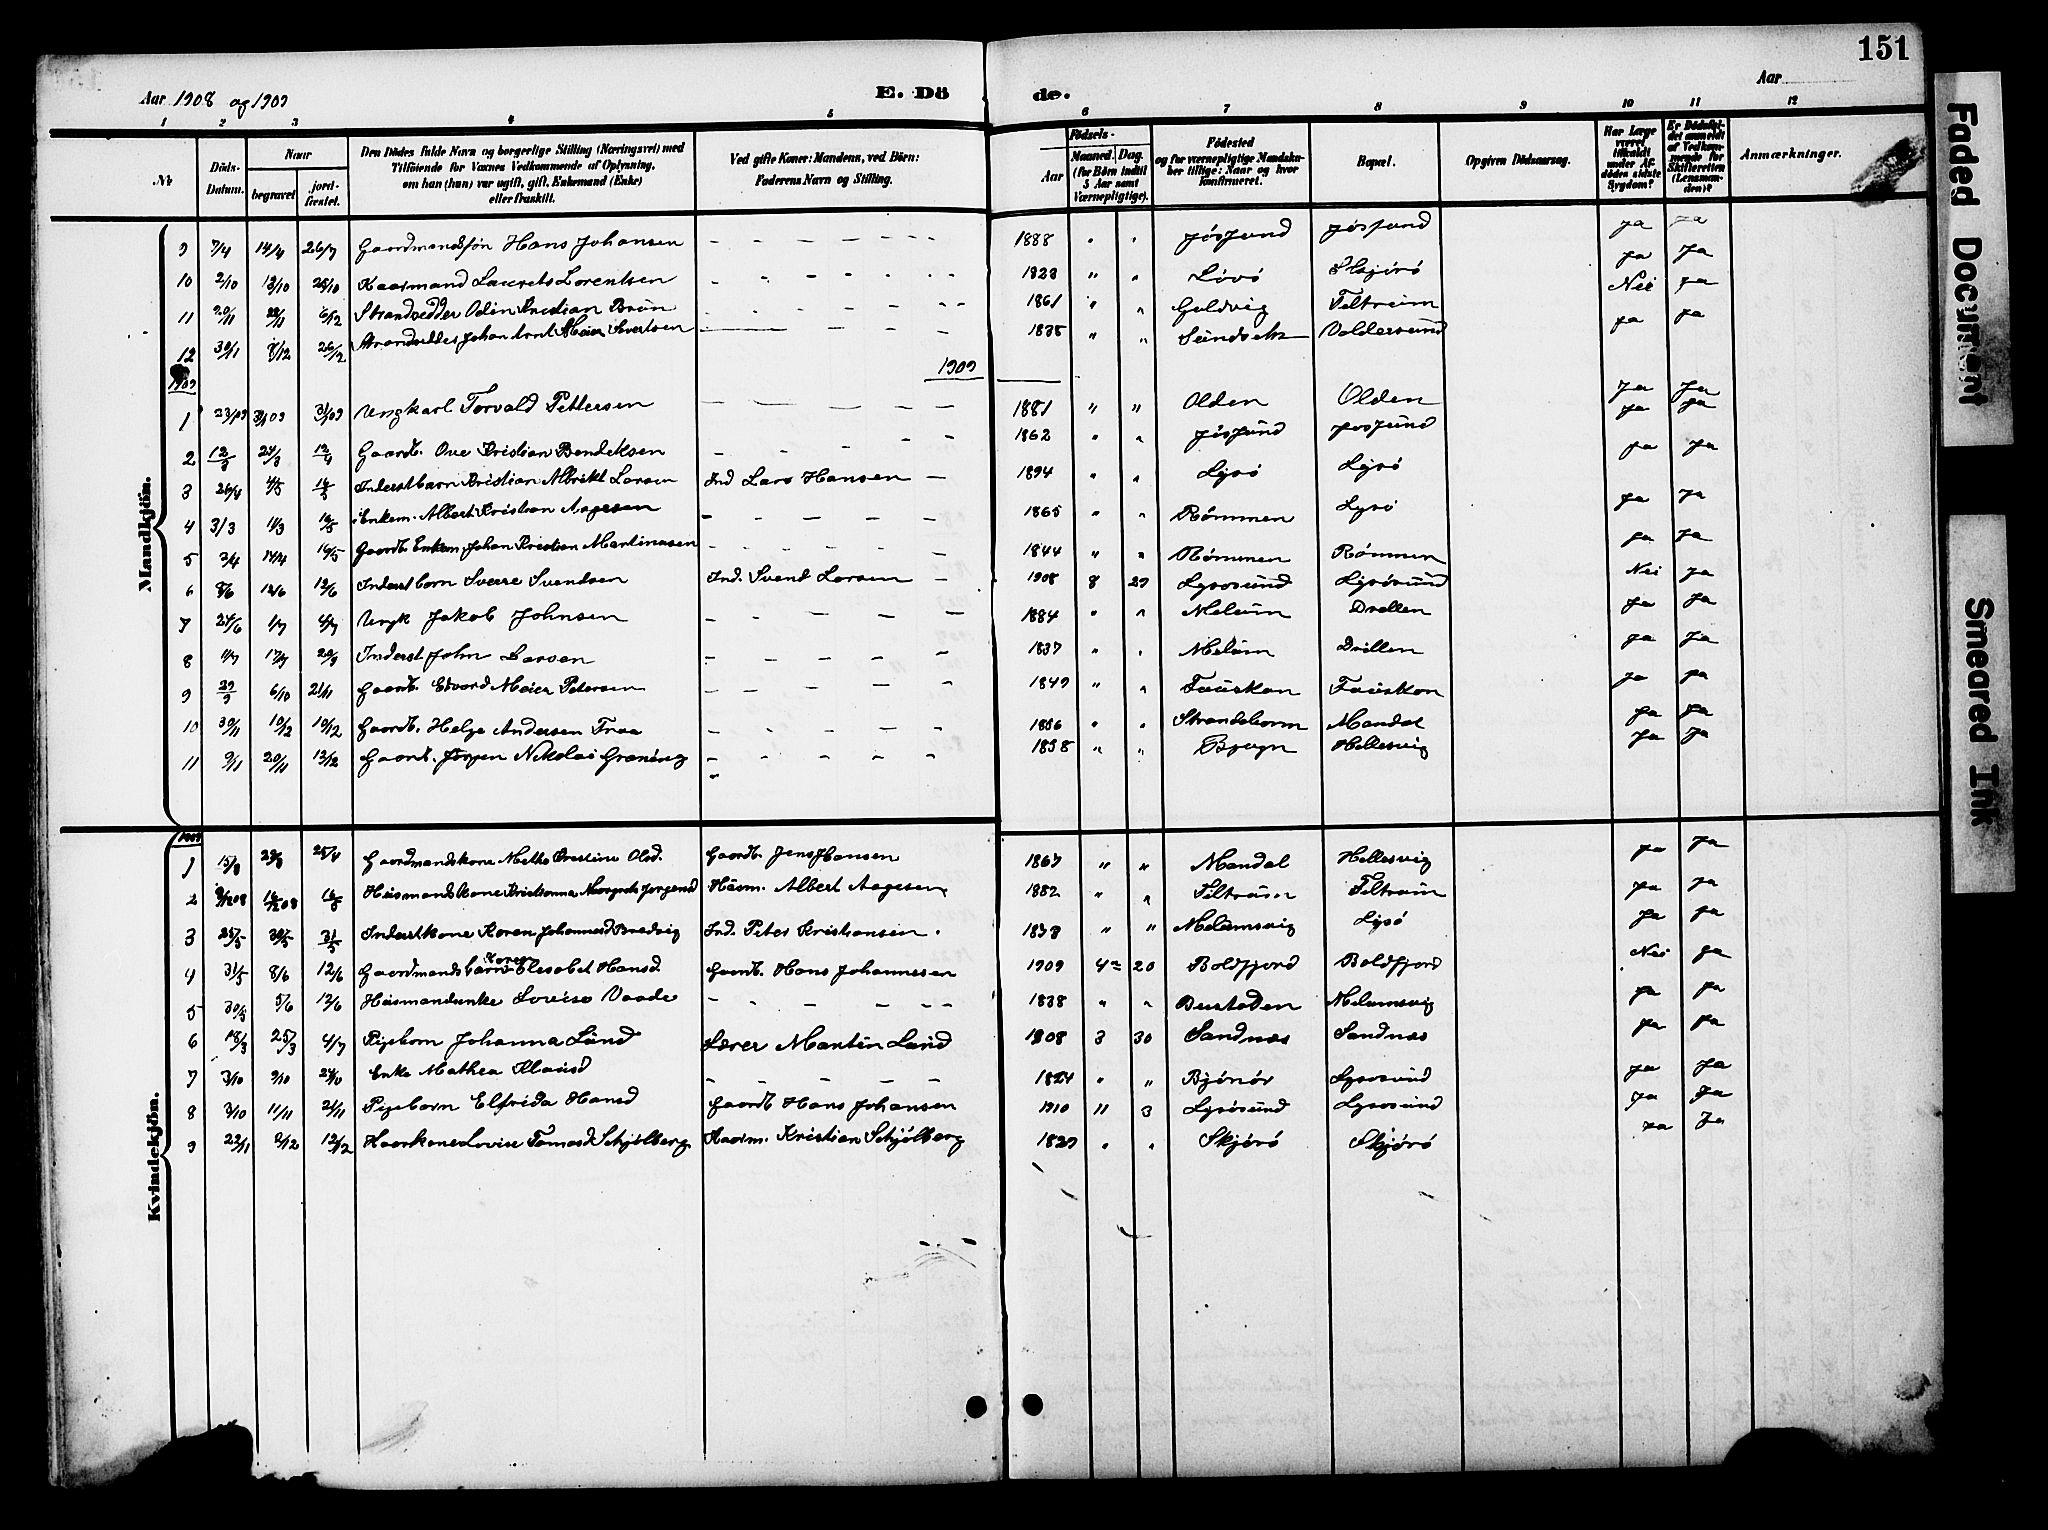 SAT, Ministerialprotokoller, klokkerbøker og fødselsregistre - Sør-Trøndelag, 654/L0666: Klokkerbok nr. 654C02, 1901-1925, s. 151